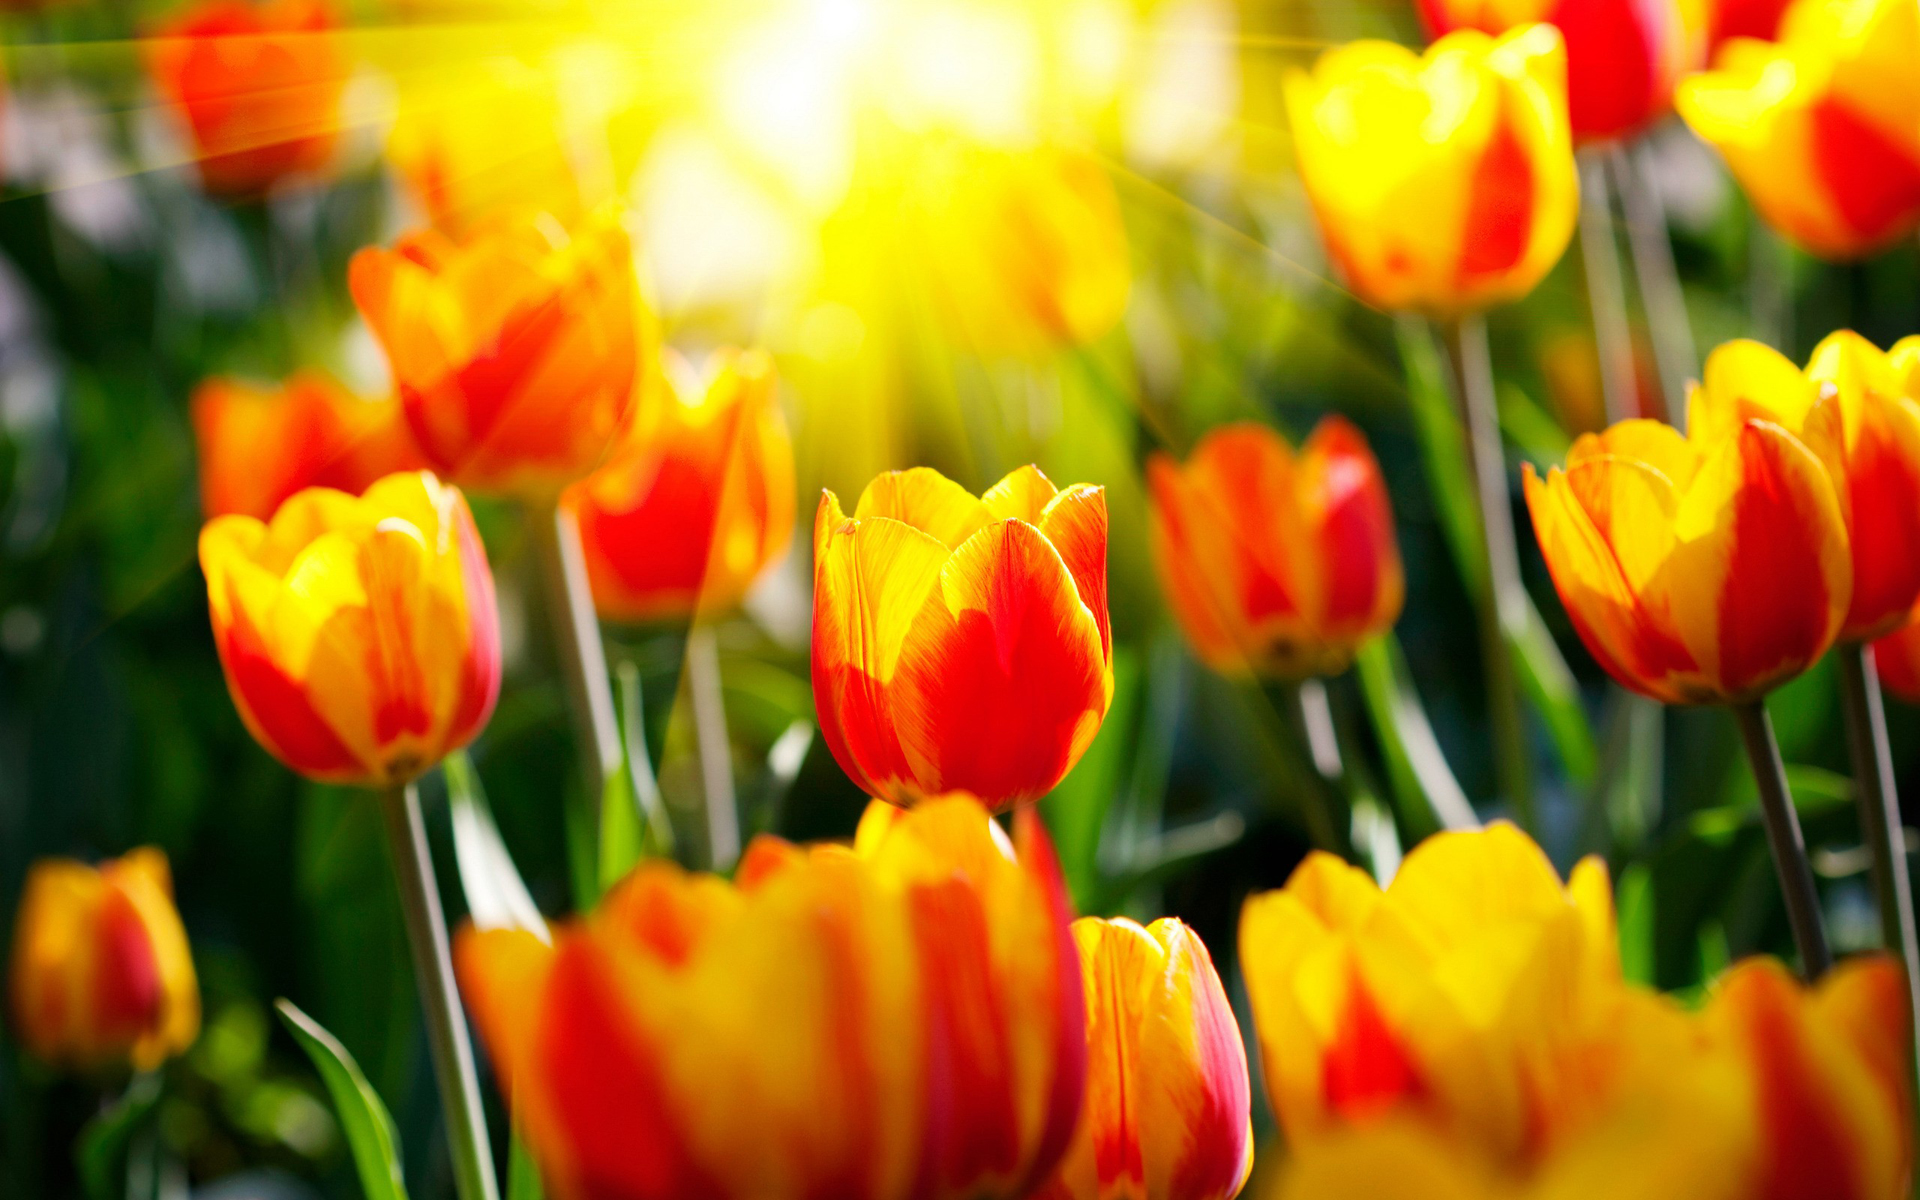 Met tulpen haal je de lente in huis - herfst tulpen